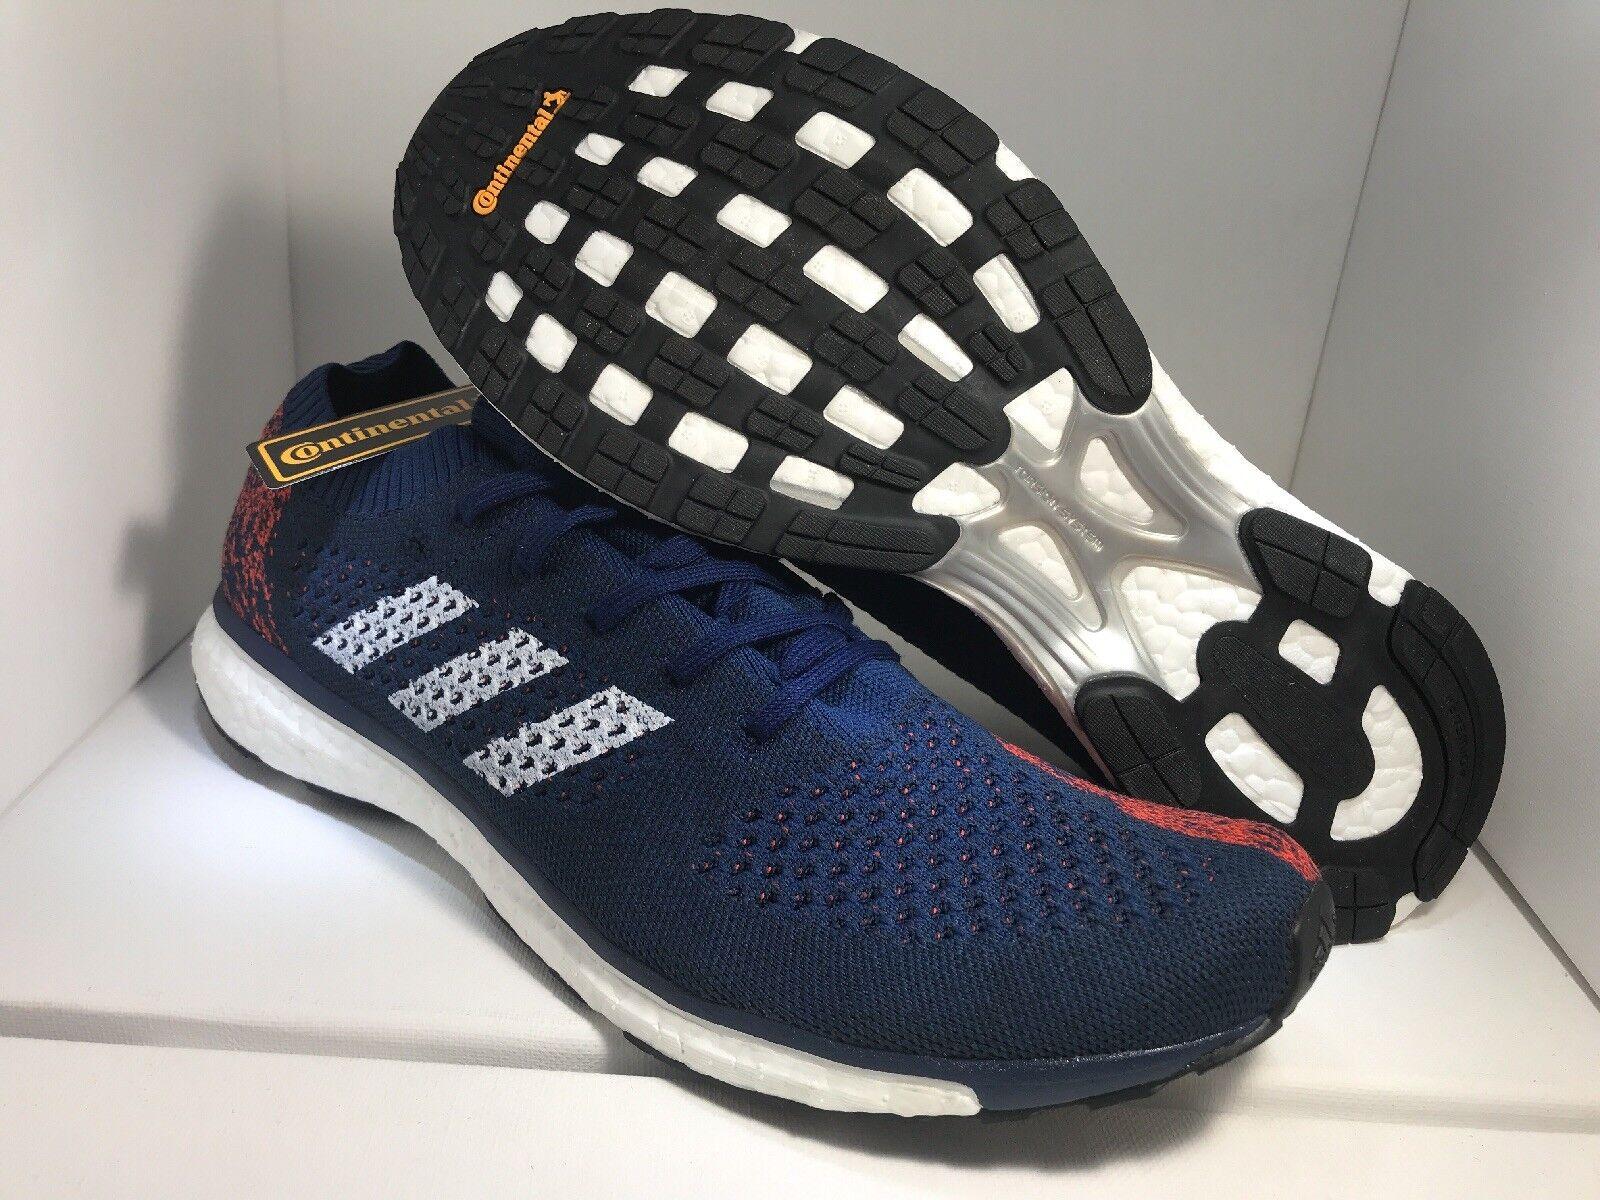 Adidas Adizero Primeknit Boost LTD Size 12 AQ2366 Mystery Blue Maroon